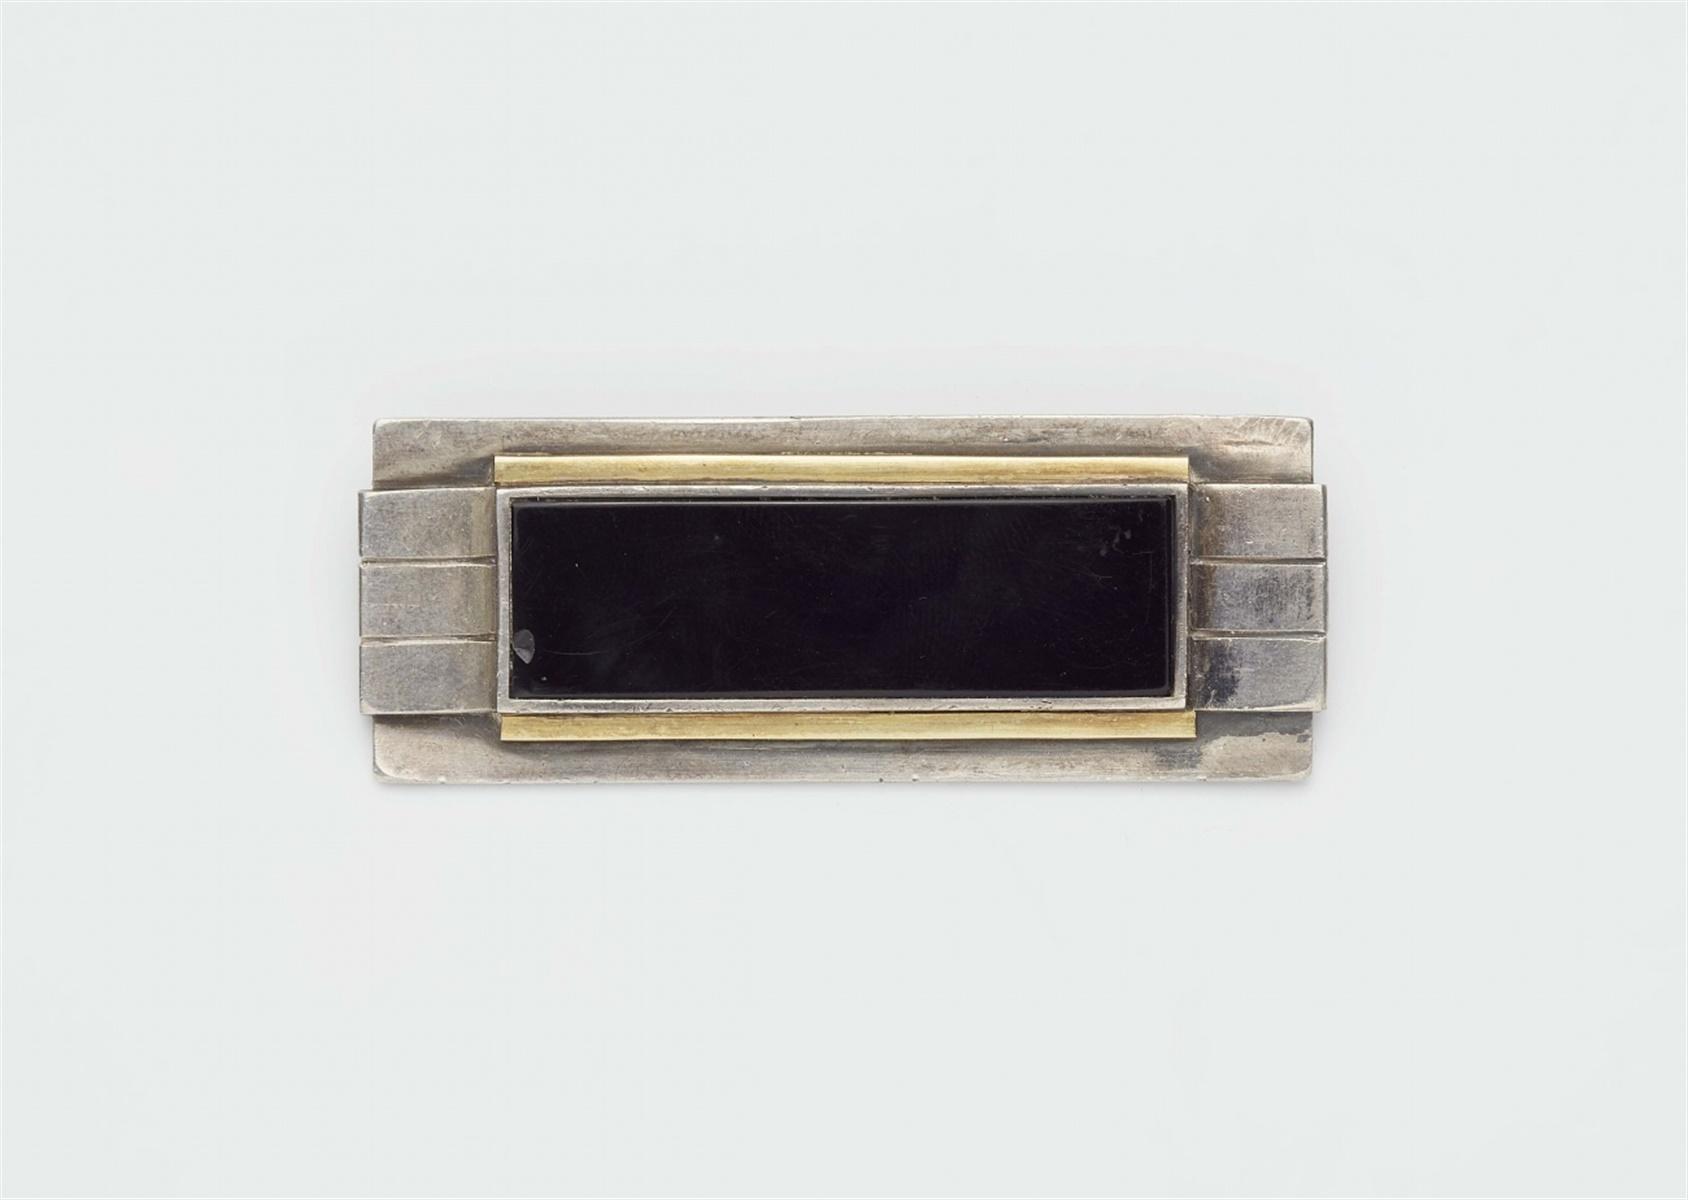 Lot 118 - Brosche von Jean DesprésSilber, Vermeil, wohl Onyx. Oblonge Scheibenform in geometrischer